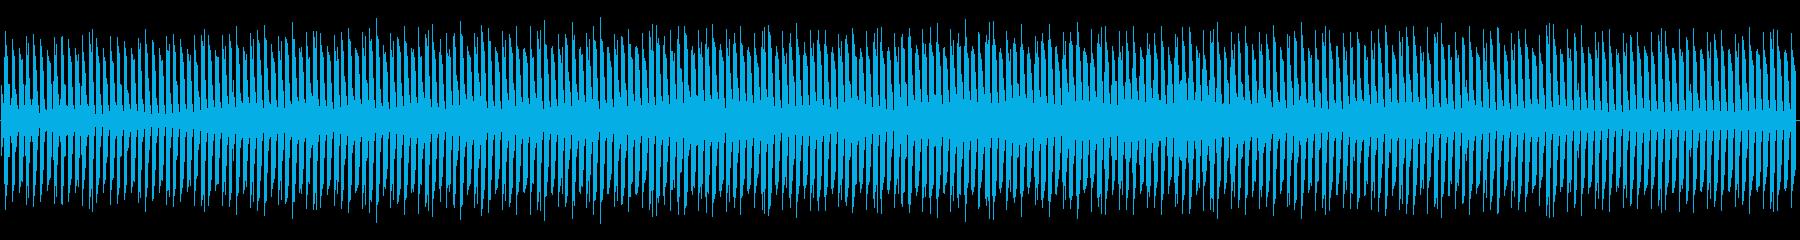 反復ピアノオクターブ。の再生済みの波形